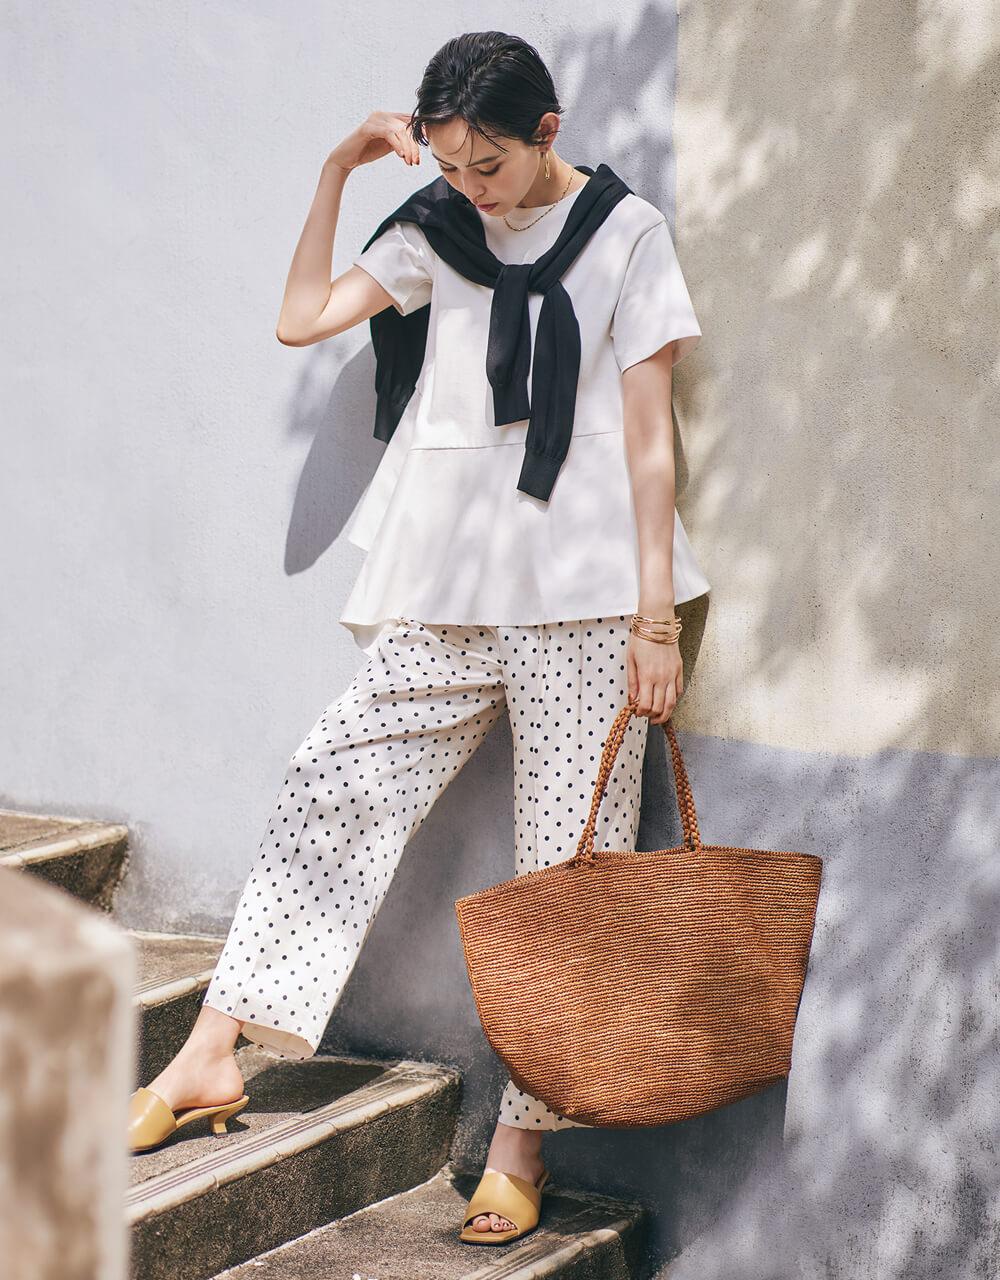 比留川 游さん  デザインT×ドット柄パンツで、 フェミニン派のモノトーンコーデに